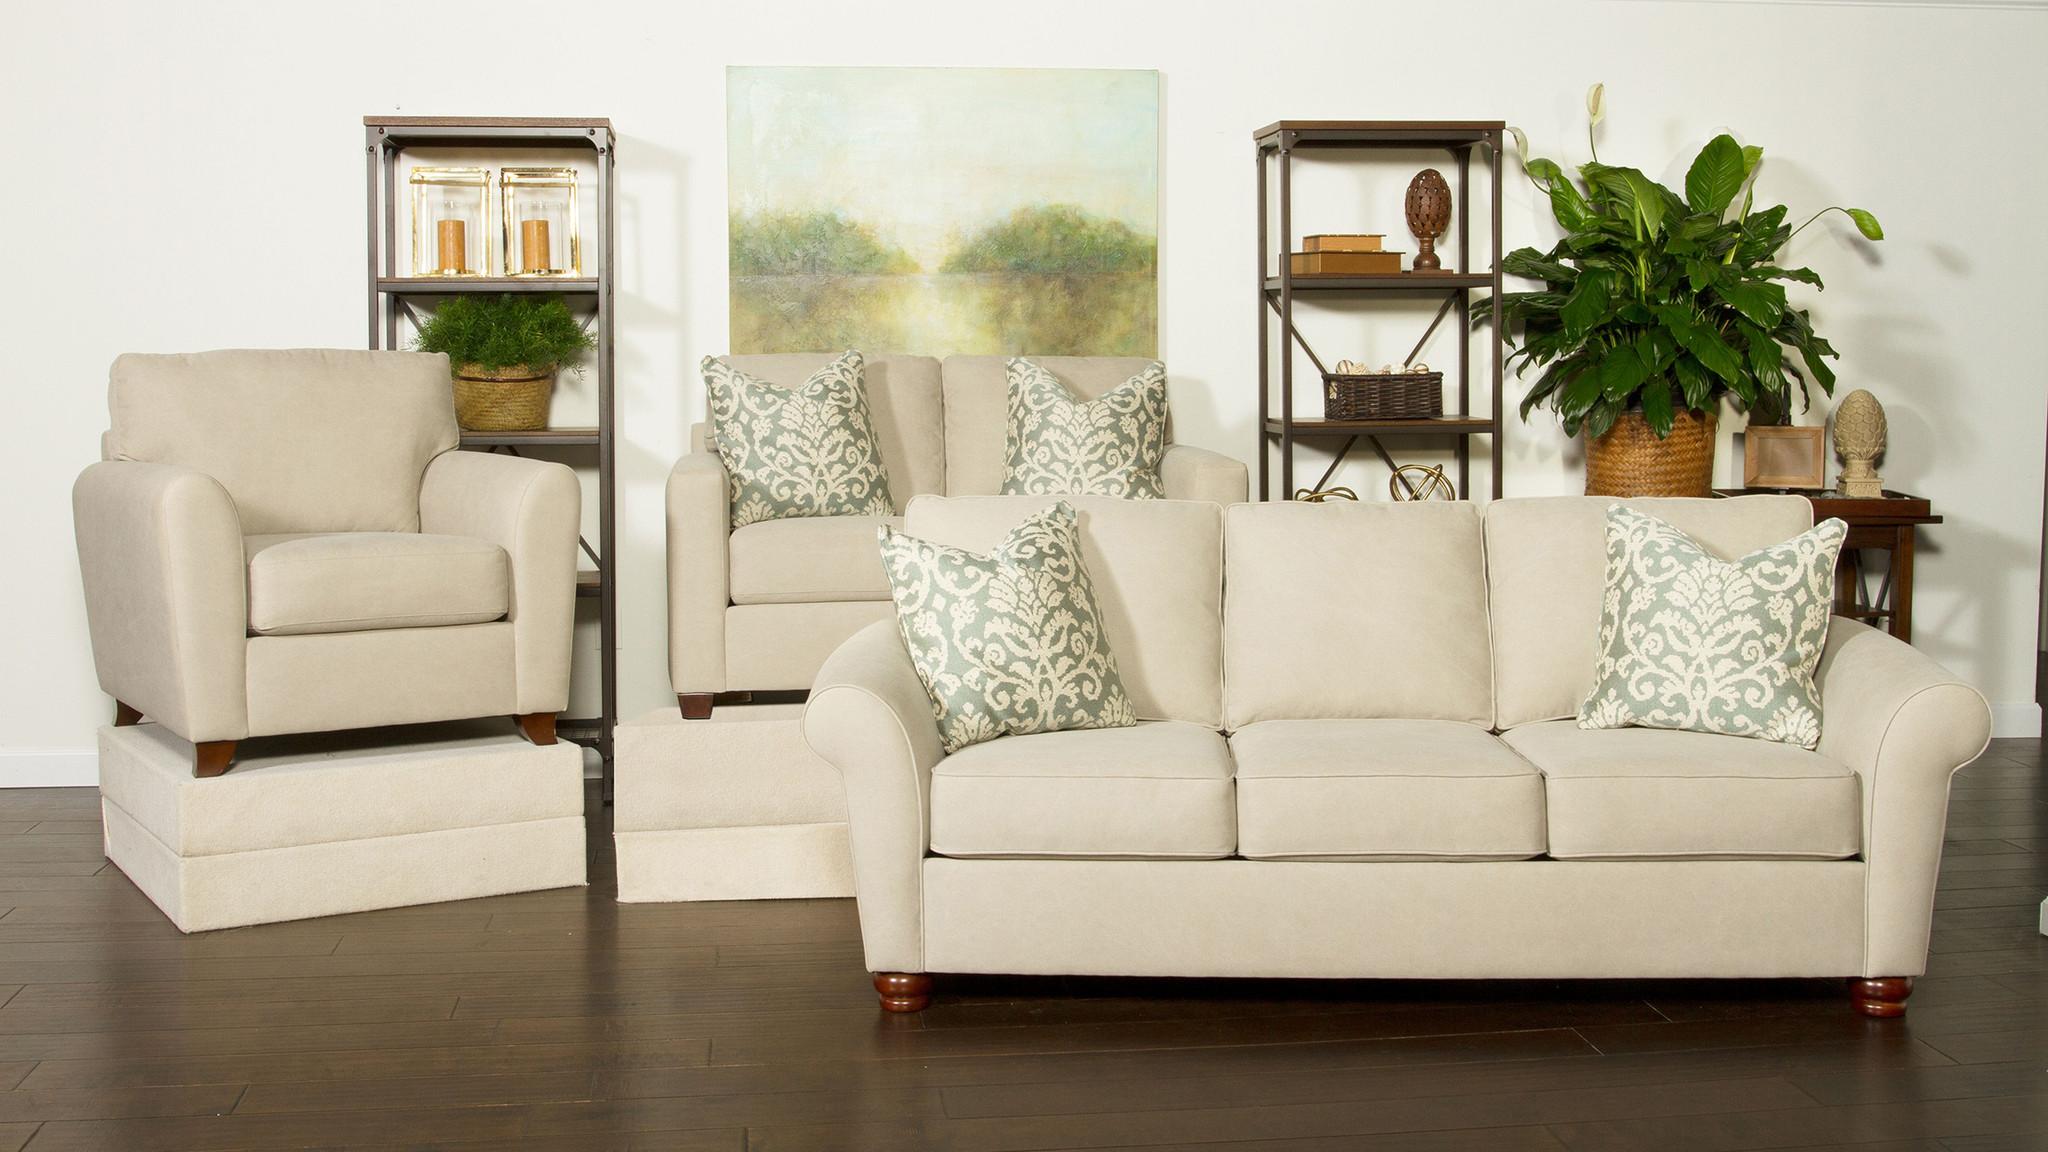 Sofa   Royu0027s Furniture Chicago   Designer Furniture